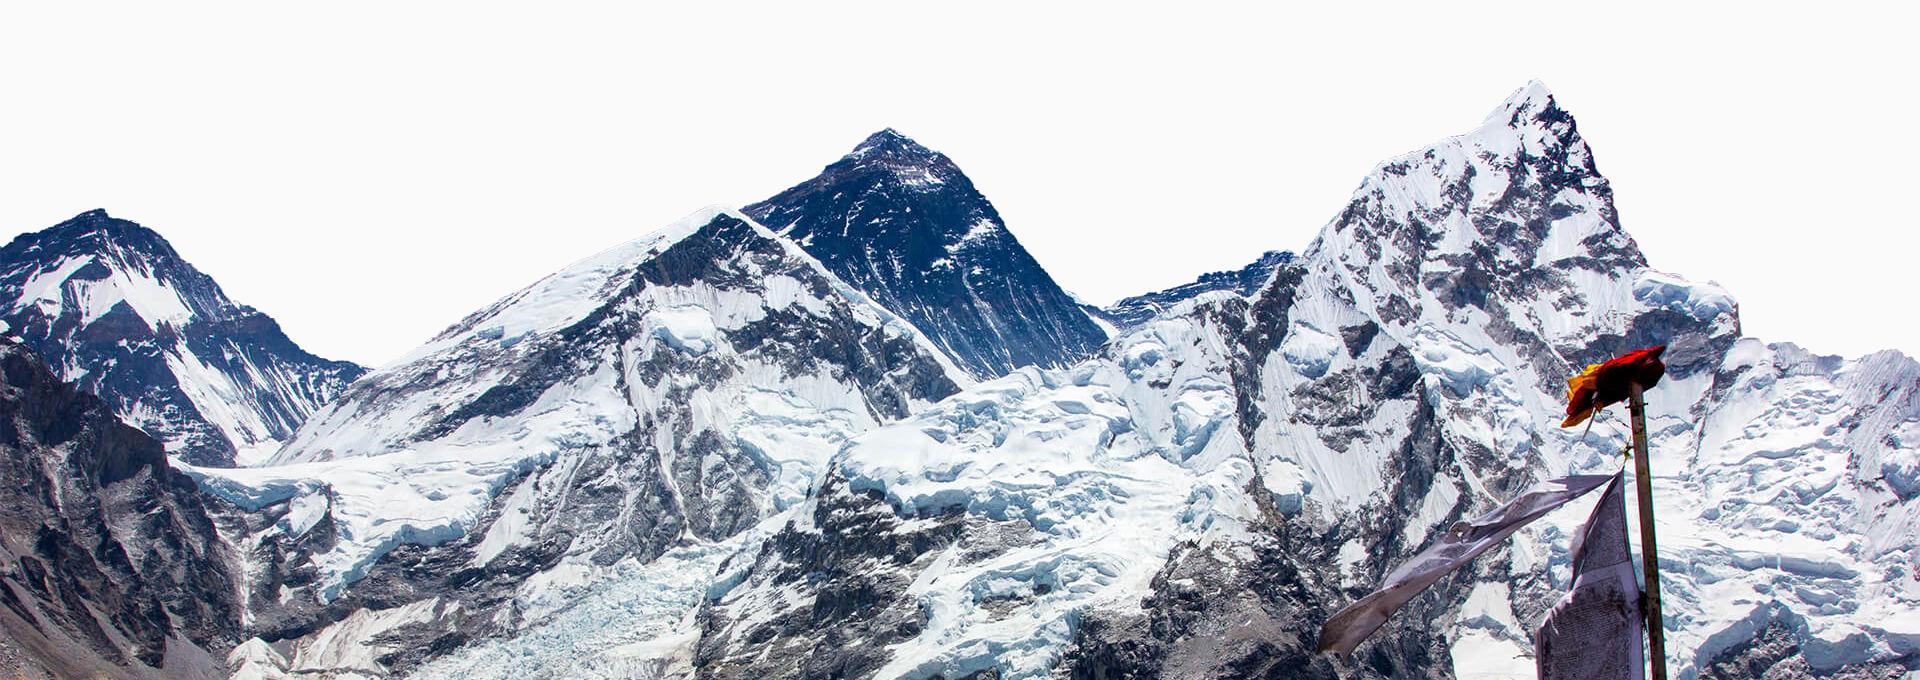 mountain teaser